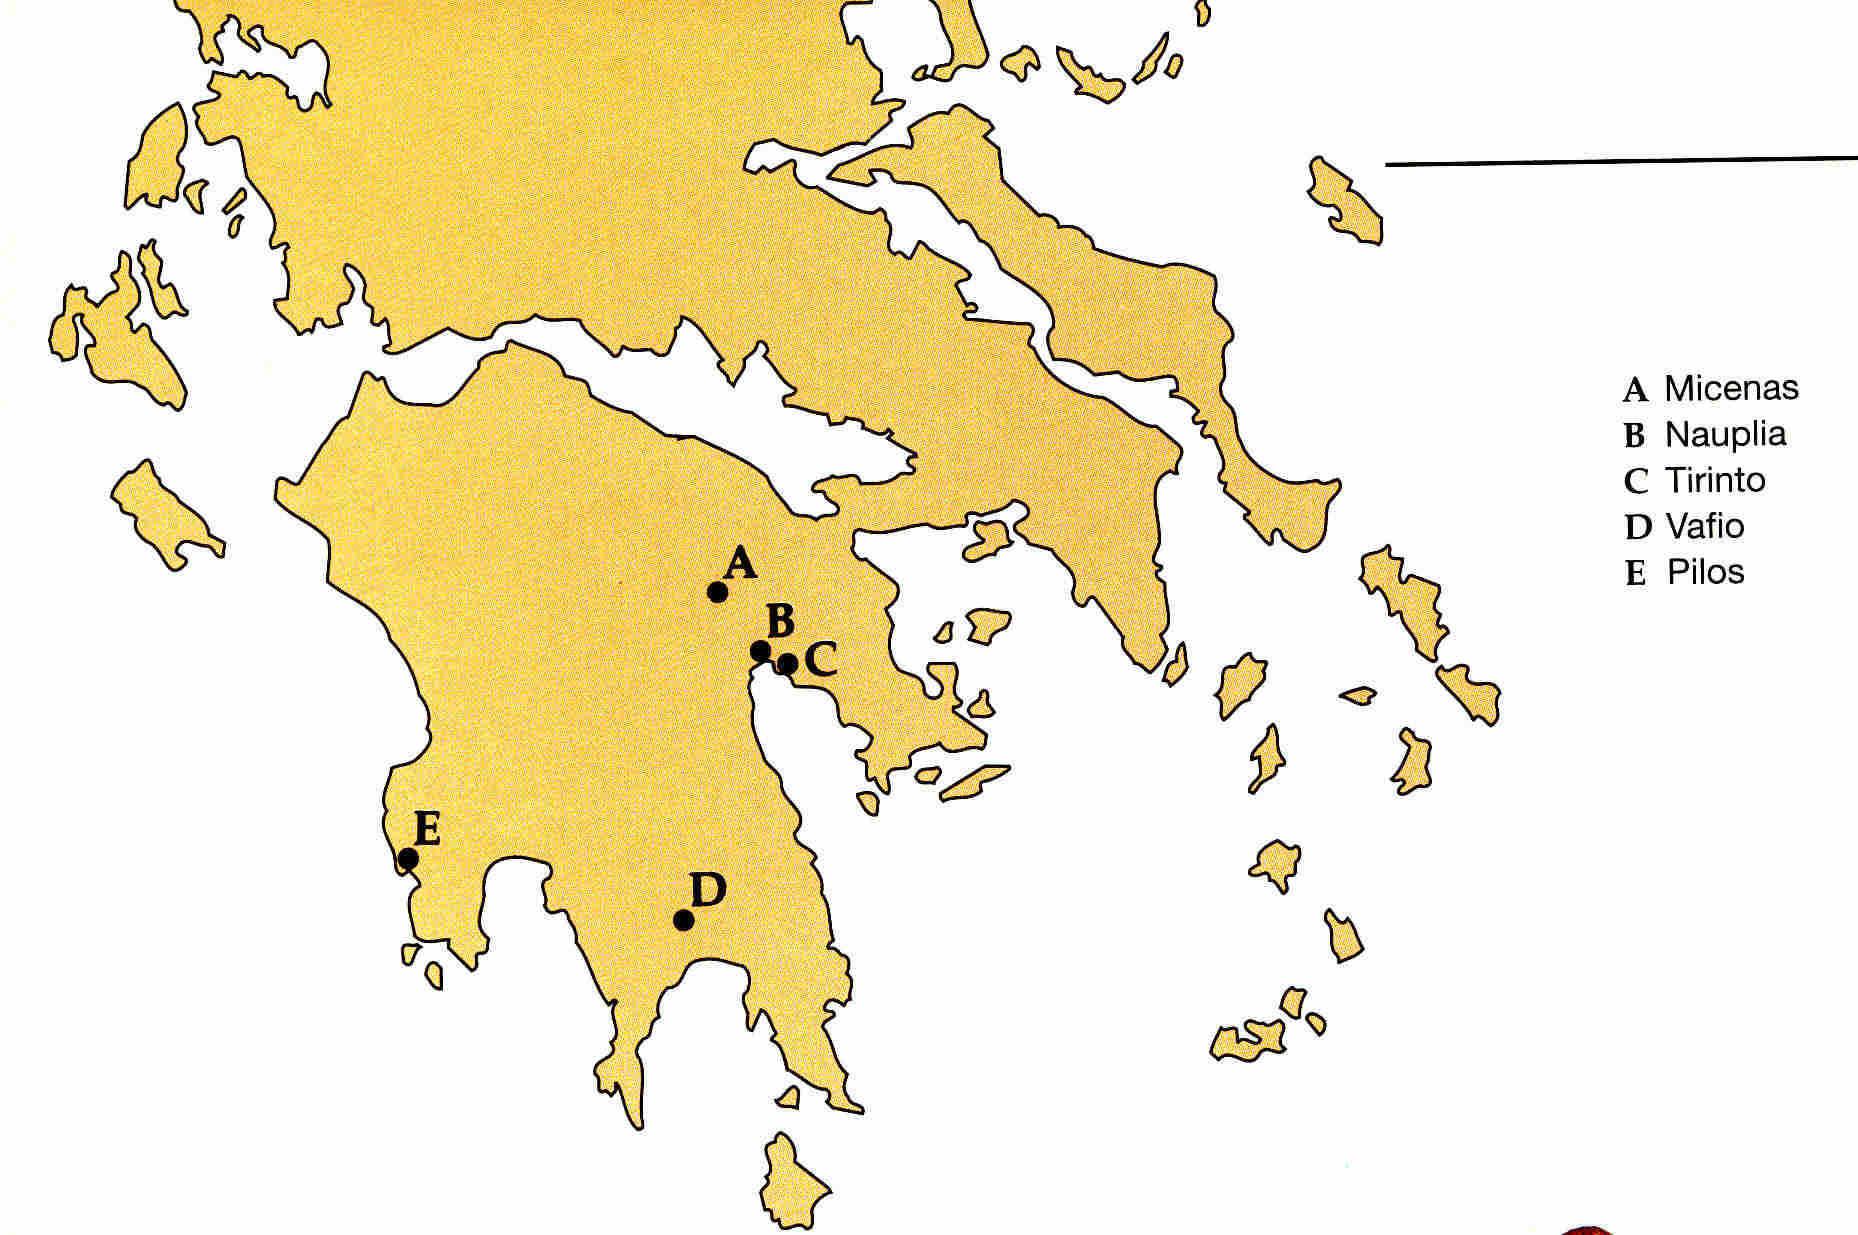 Micenas en Grecia clásica 9